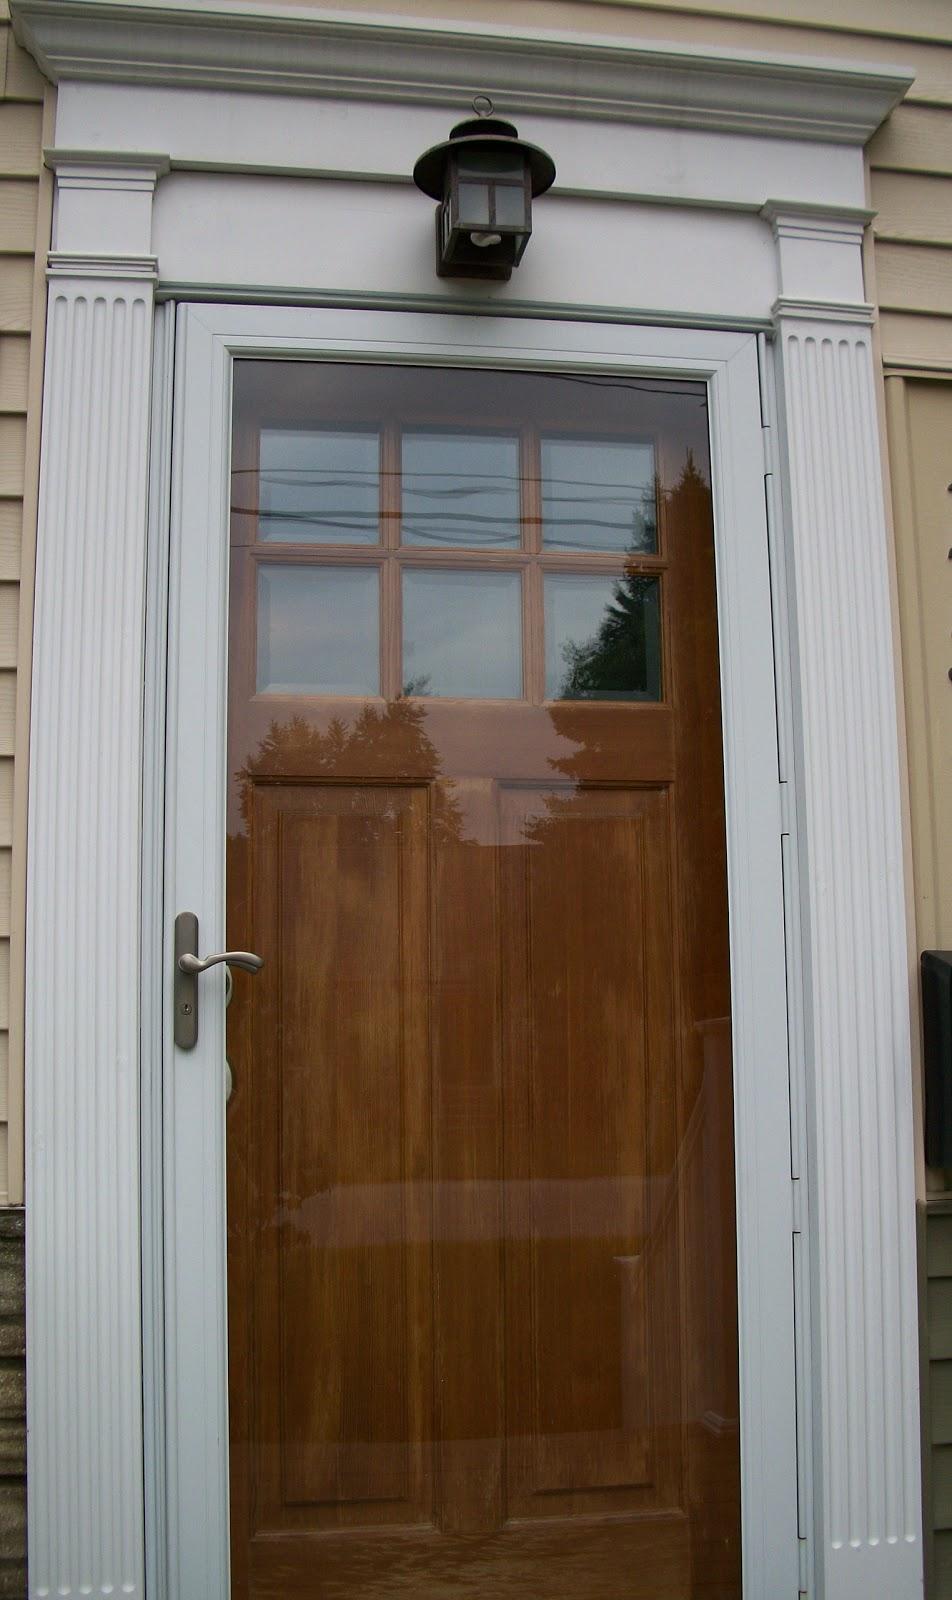 Aluminum Trim For Exterior Doors : Sixty fifth avenue the front door part one